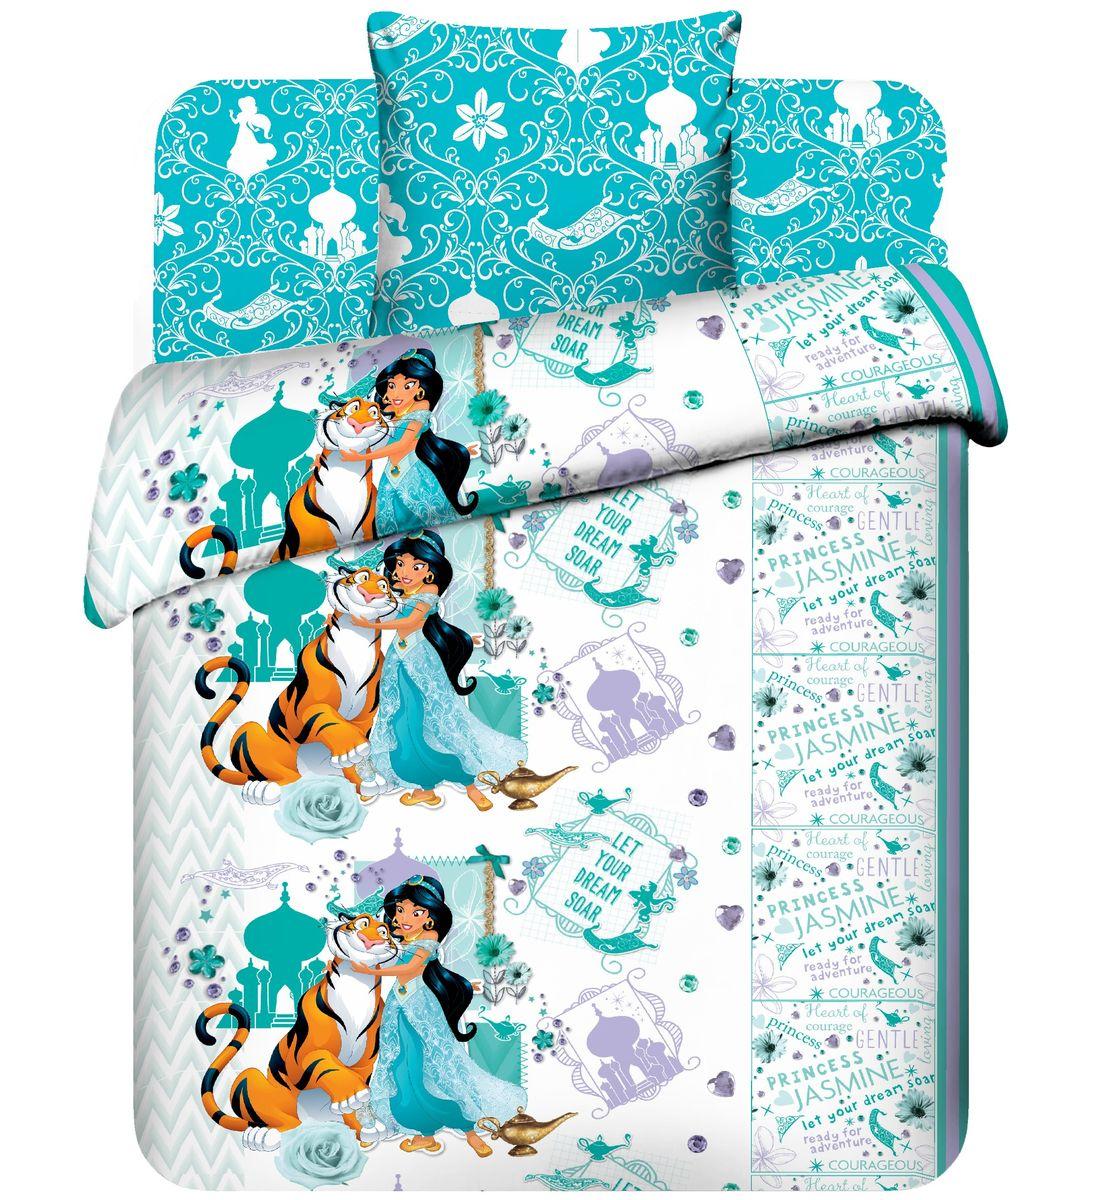 Комплект белья Василек Тинейджер, 1,5-спальный, наволочка 70x70, 44464446Невероятно красочное постельное белье Василек Тинейджер украсит детскую комнату и подарит ребенку отличное настроение на весь день.Этот комплект отличается прочностью и подходит для ежедневного использования. Белье имеет гладкую матовую поверхность, которая очень приятна на ощупь и выглядит одинаково эстетично с лицевой и изнаночной стороны. Постельное белье из хлопка великолепно сохраняет яркость красок и даже после многочисленных стирок выглядит так, будто куплено вчера.В комплект входят наволочка, простыня и пододеяльник.Комплект станет замечательным дополнением к интерьеру детской комнаты.